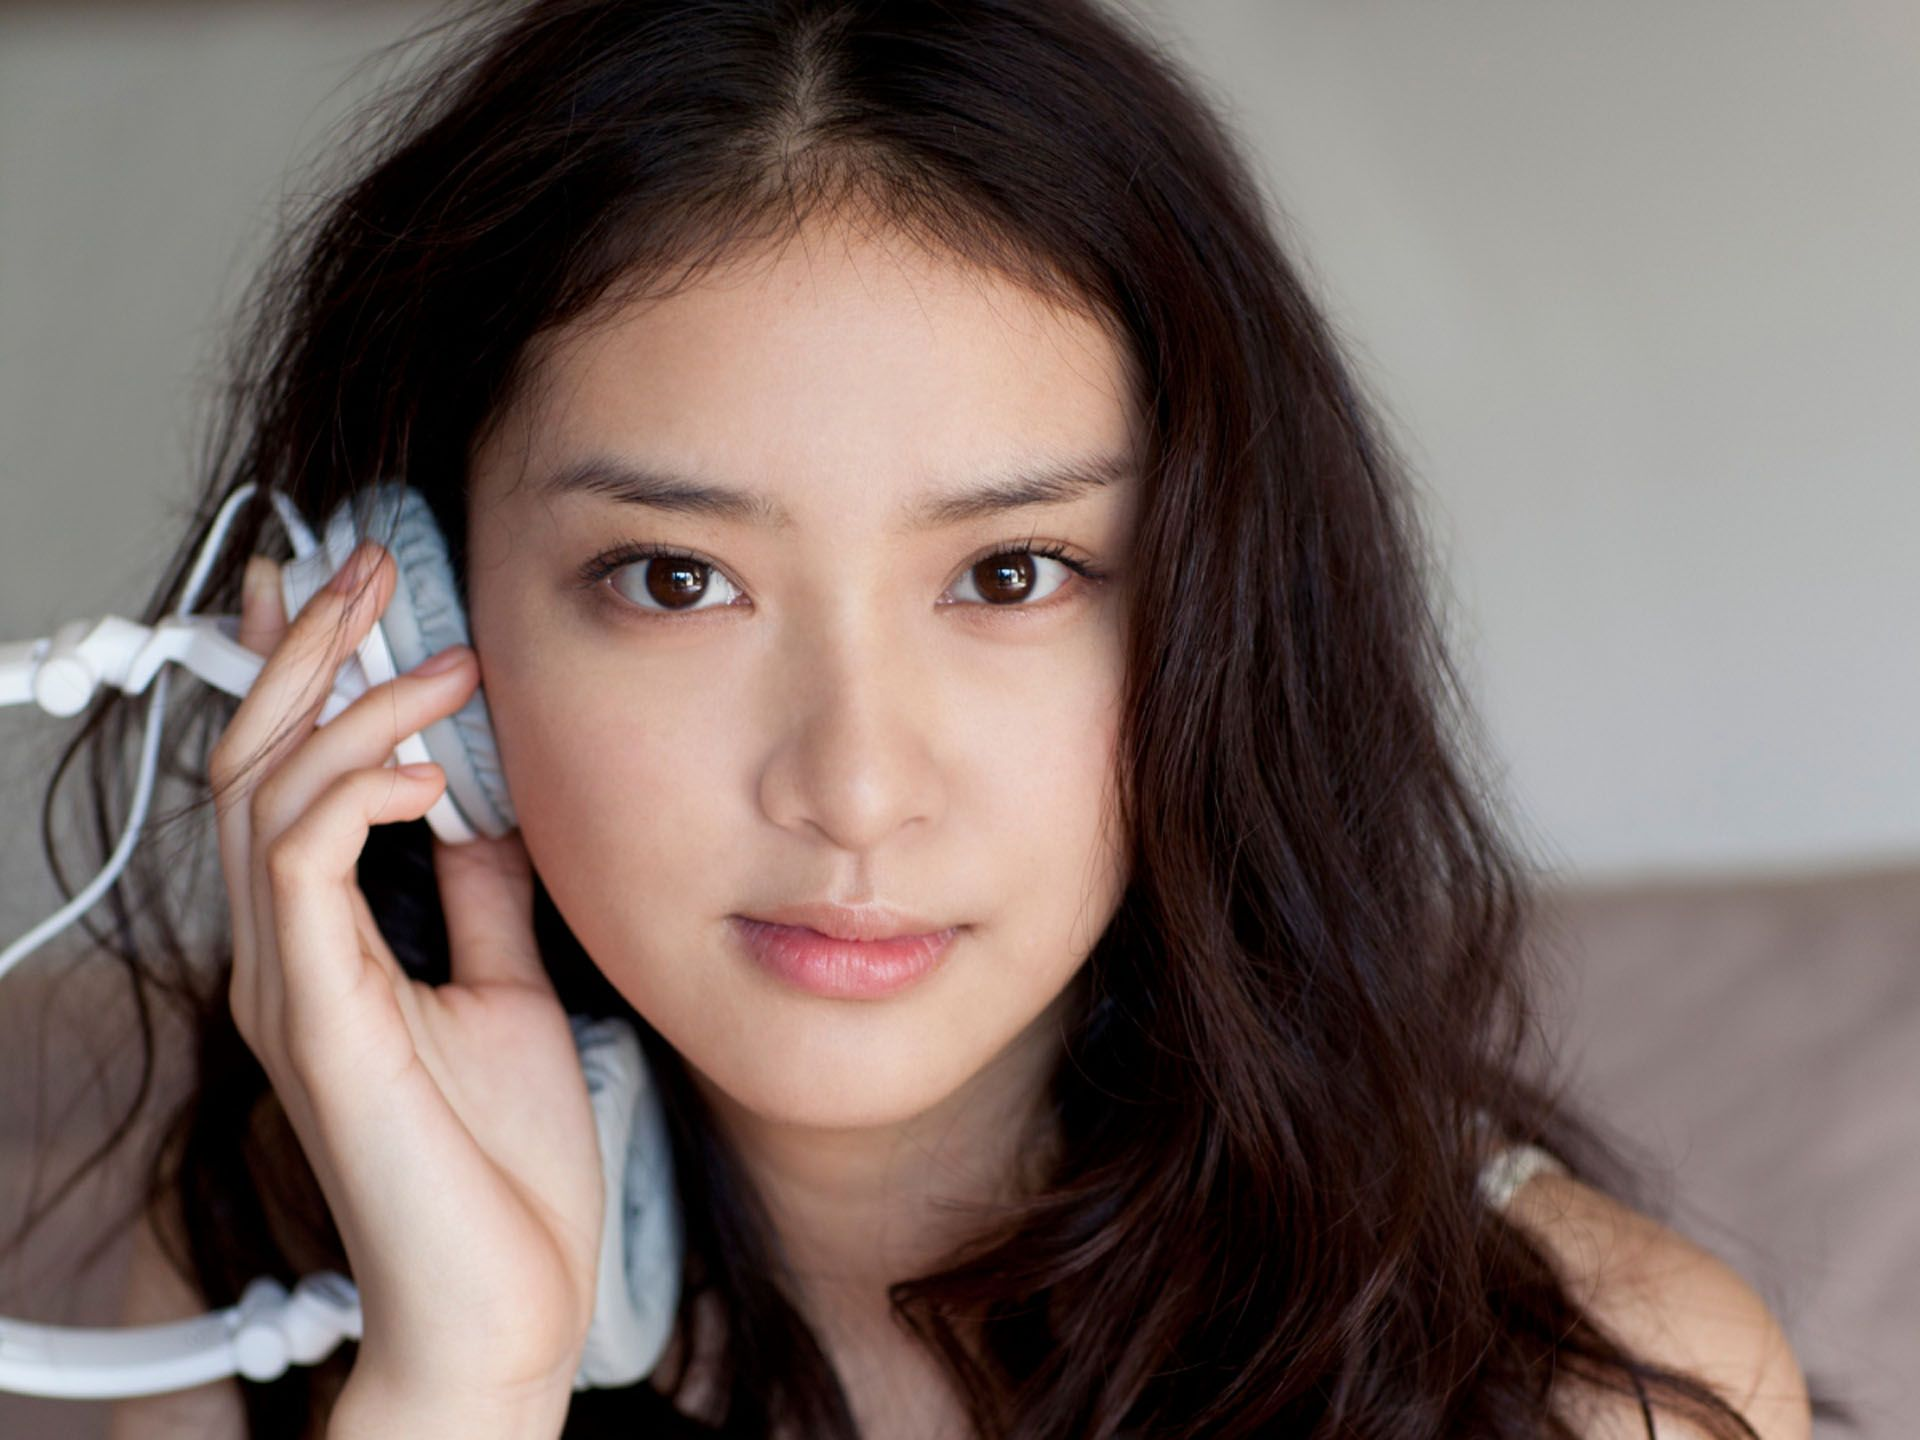 若手人気女優の武井咲さんの身長は何cm?身長を調べてみました!のサムネイル画像